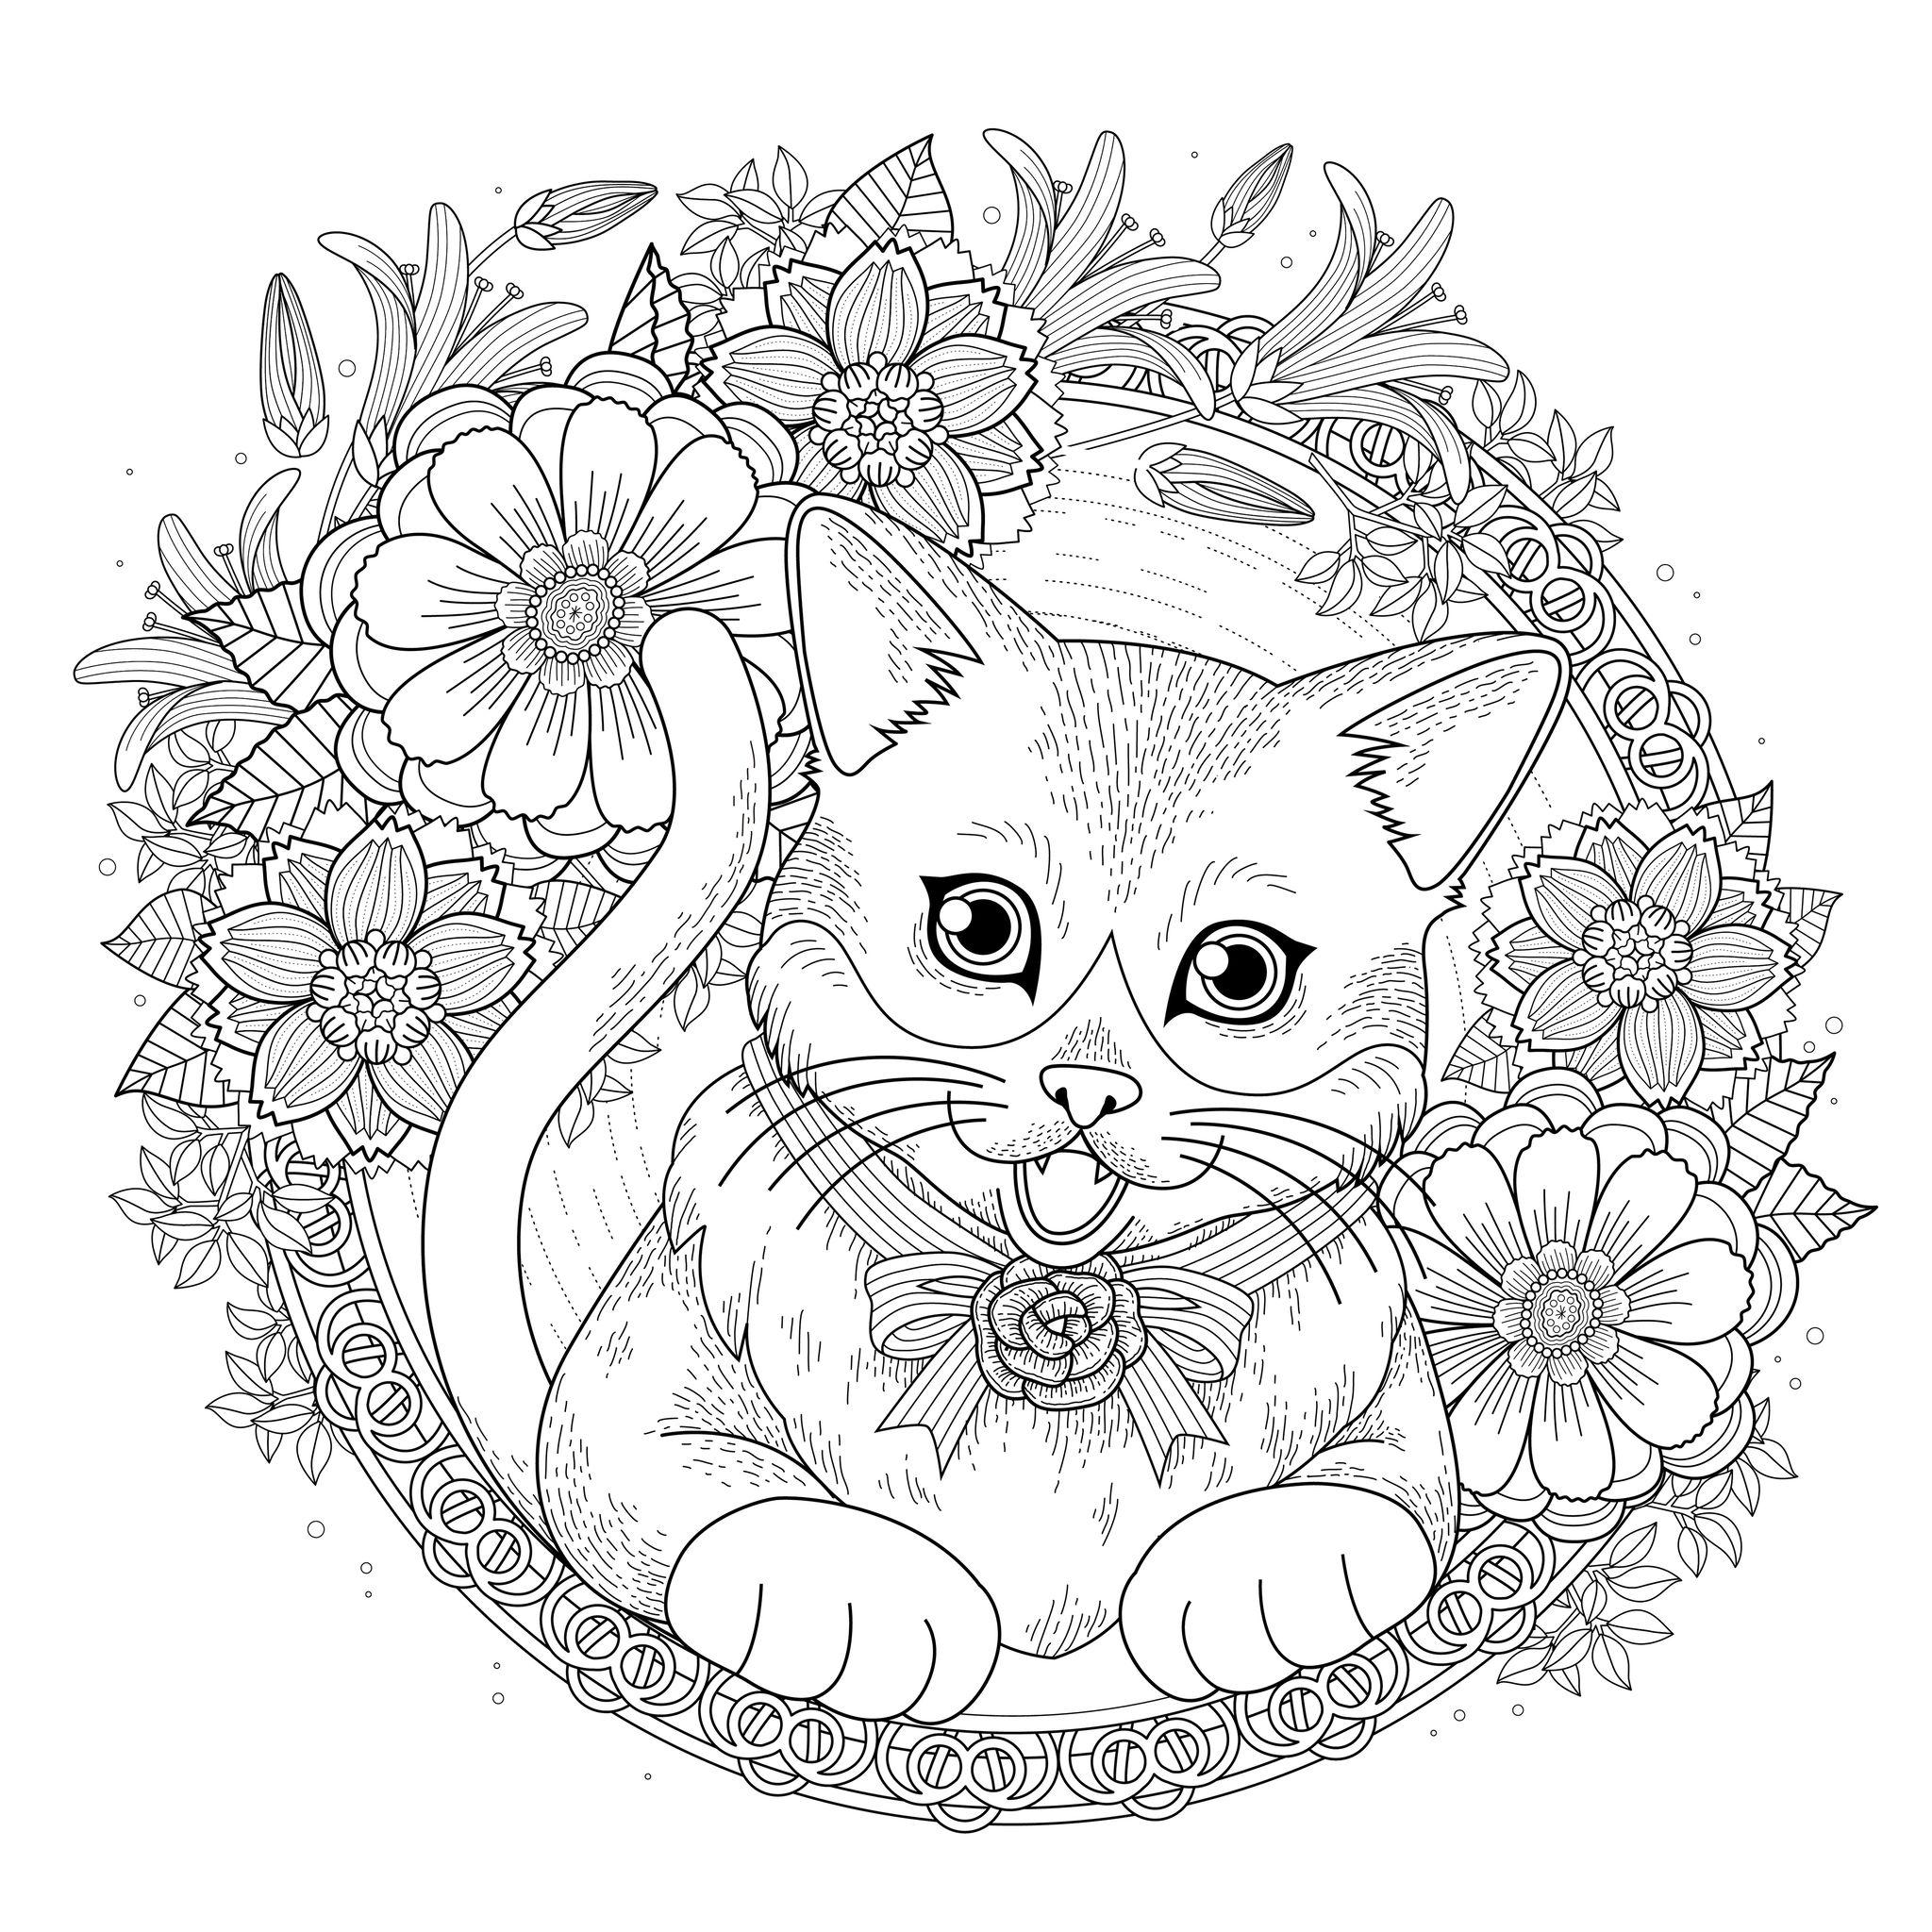 Chat entouré de fleurs - Chats - Coloriages difficiles pour adultes